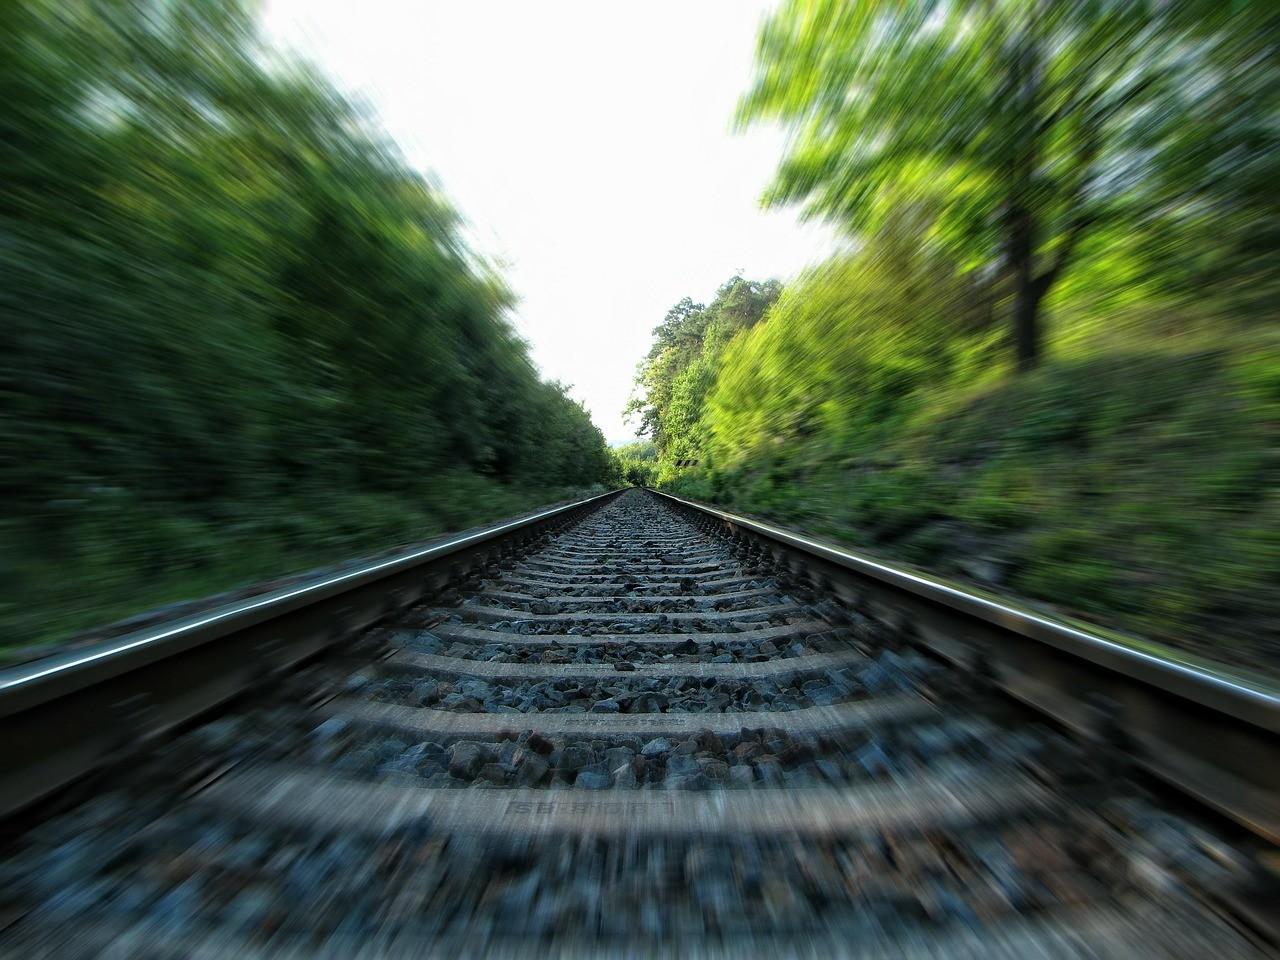 rails-253134_1280